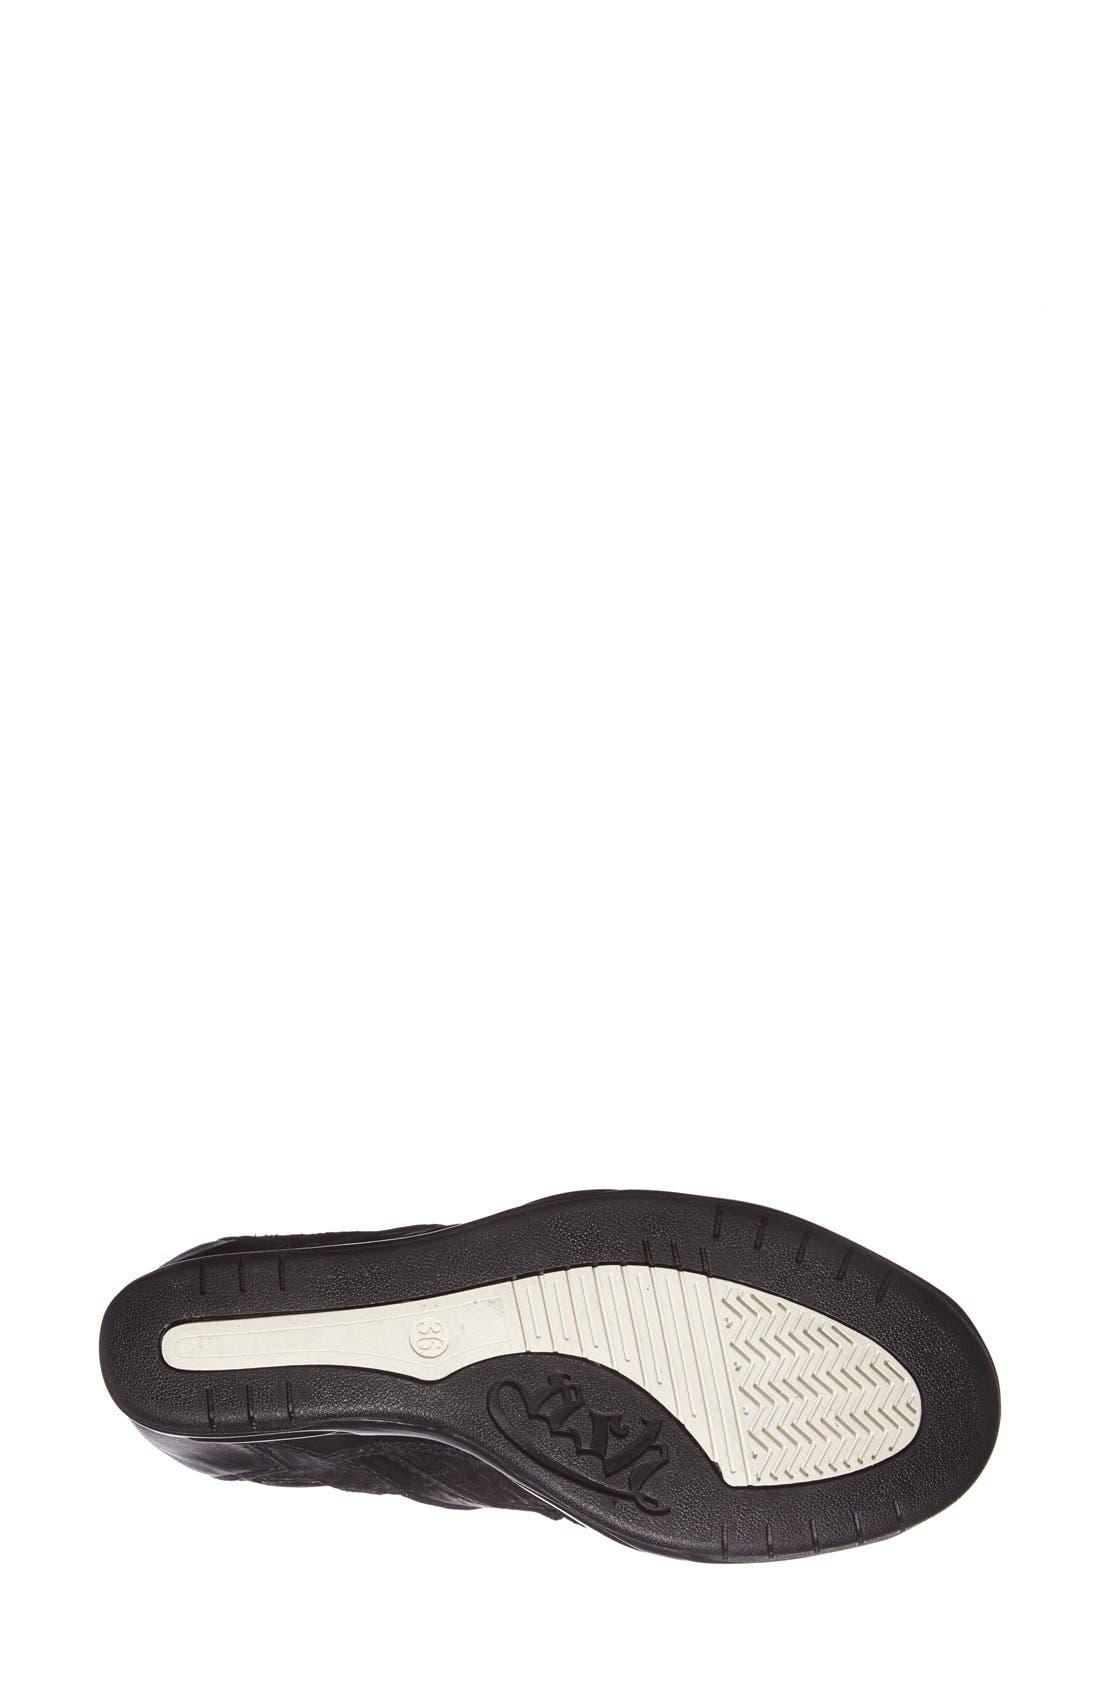 Alternate Image 4  - Ash 'Bling' Hidden Wedge Sneaker (Women)